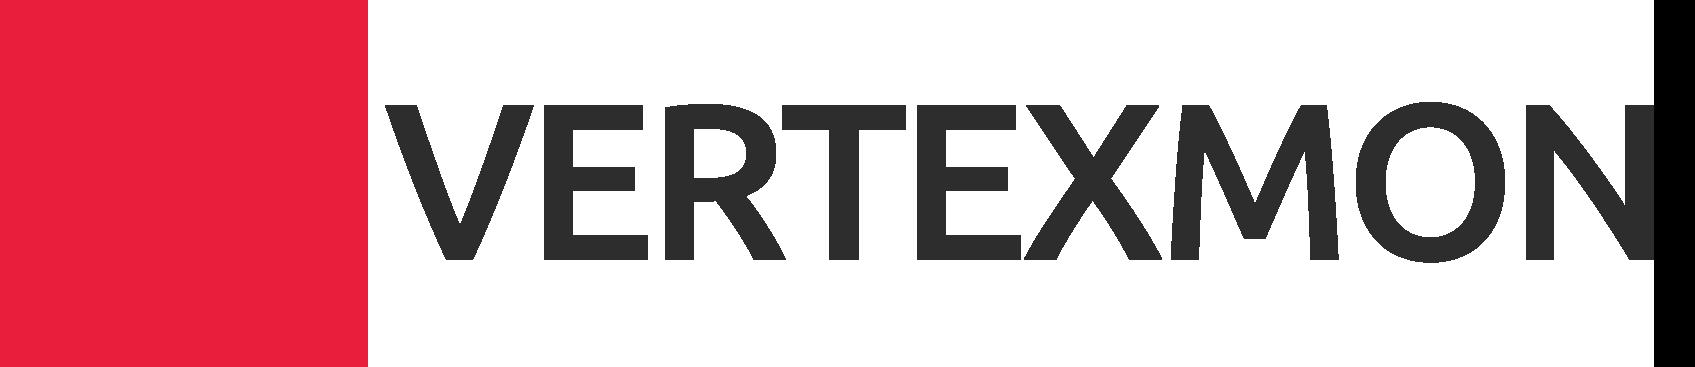 Vertexmon logo